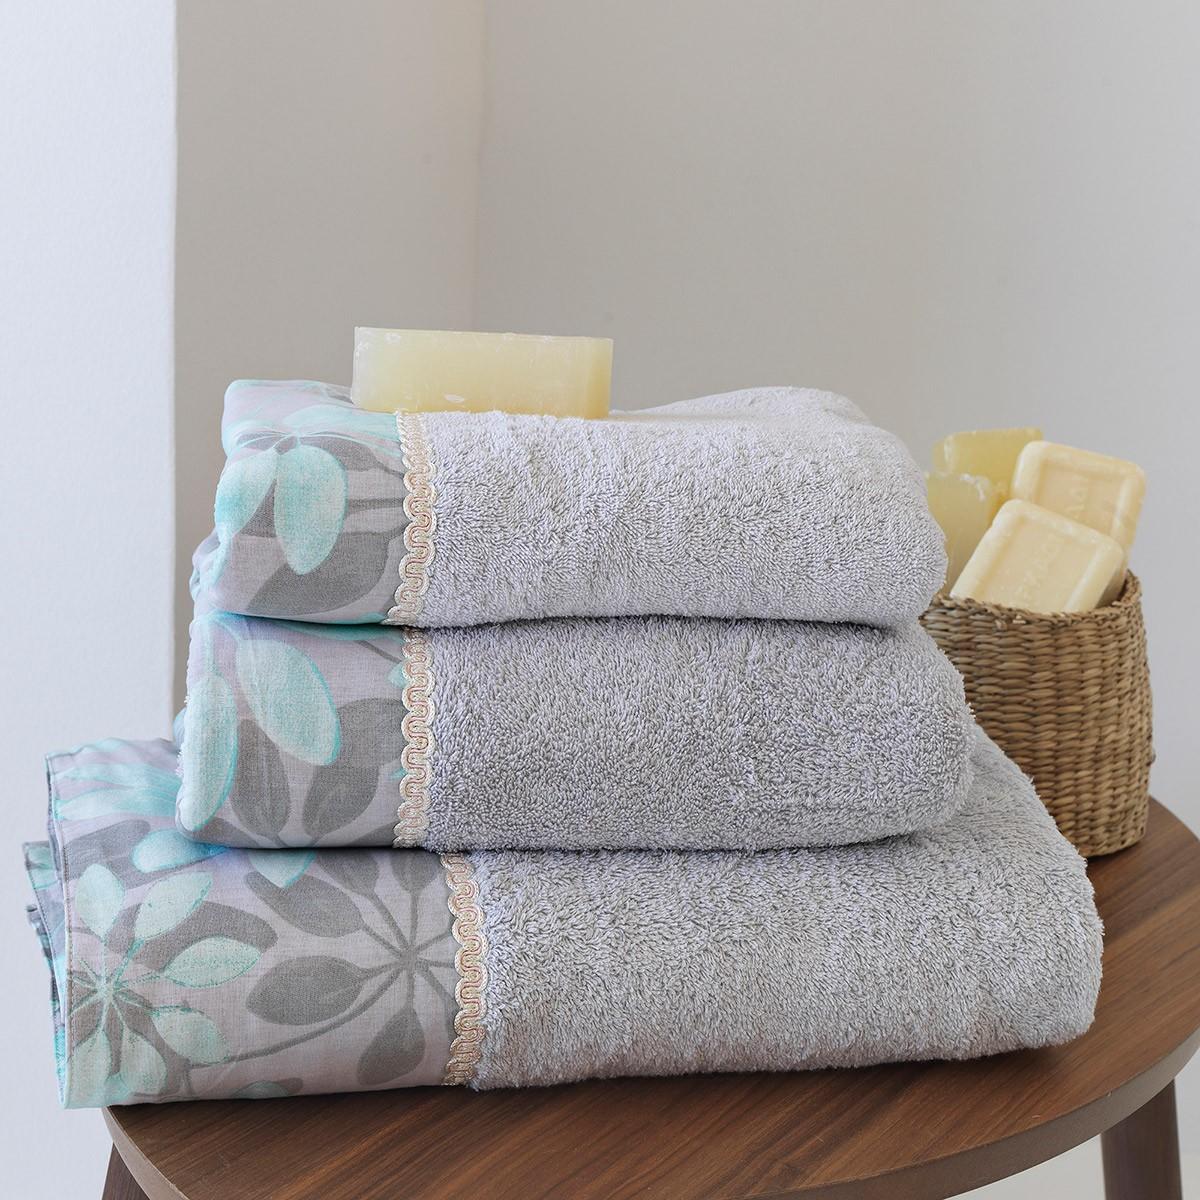 Πετσέτες Μπάνιου (Σετ 3τμχ) Sb Home Althea